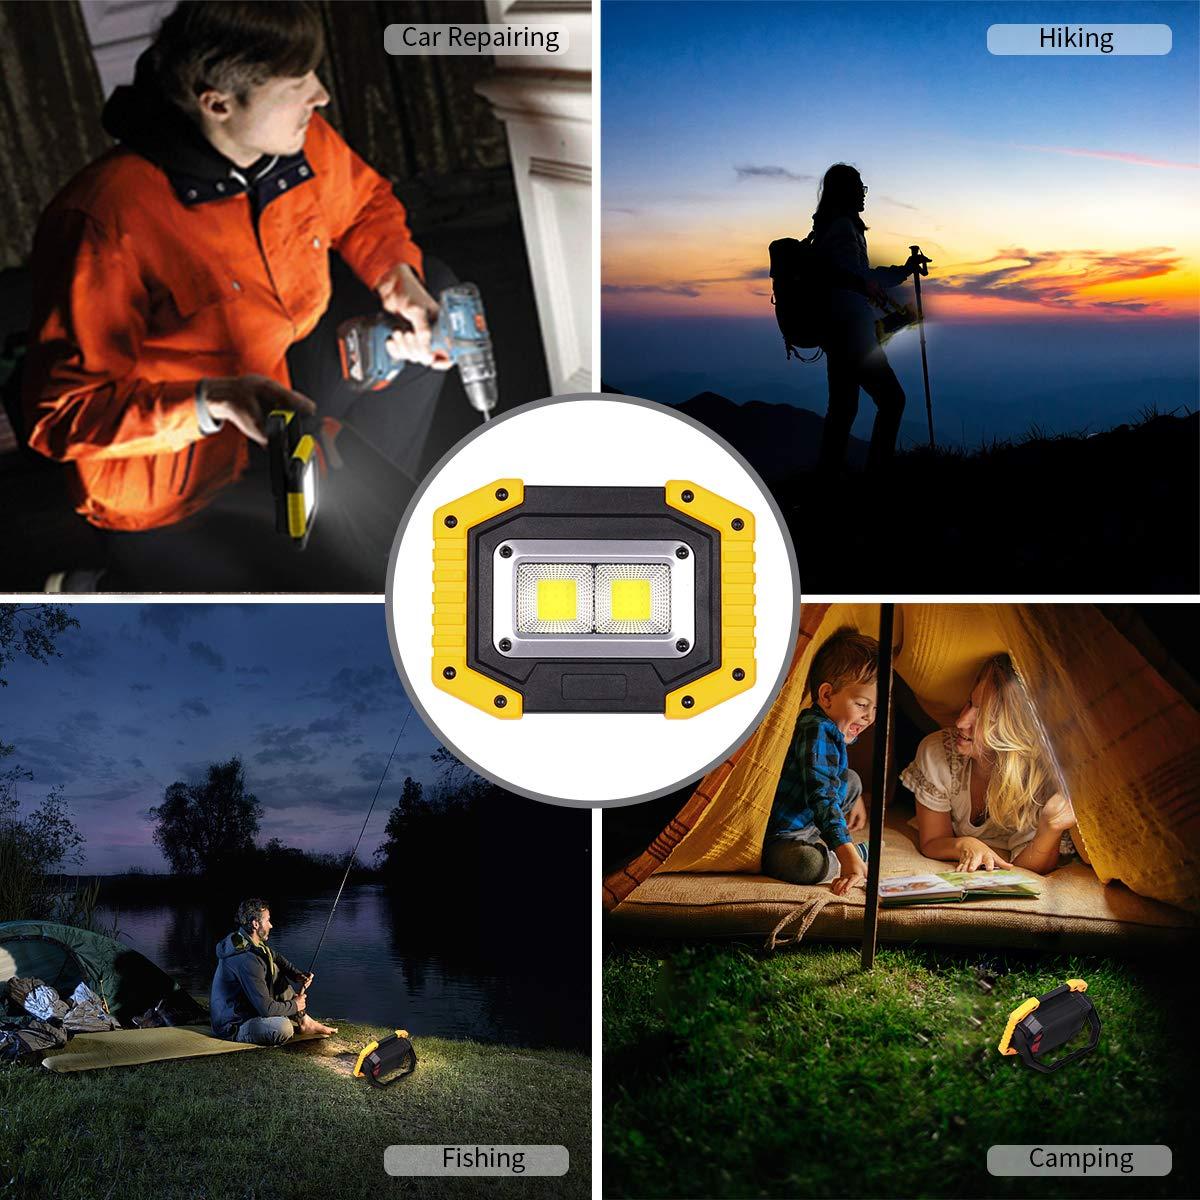 LED Baustrahler Sicherheitsnotbeleuchtung Angeln Camping Scheinwerfer wasserdicht im Freien f/ür Autoreparatur Wandern 3 Modi Arbeitsscheinwerfer tragbar 30 W mit USB